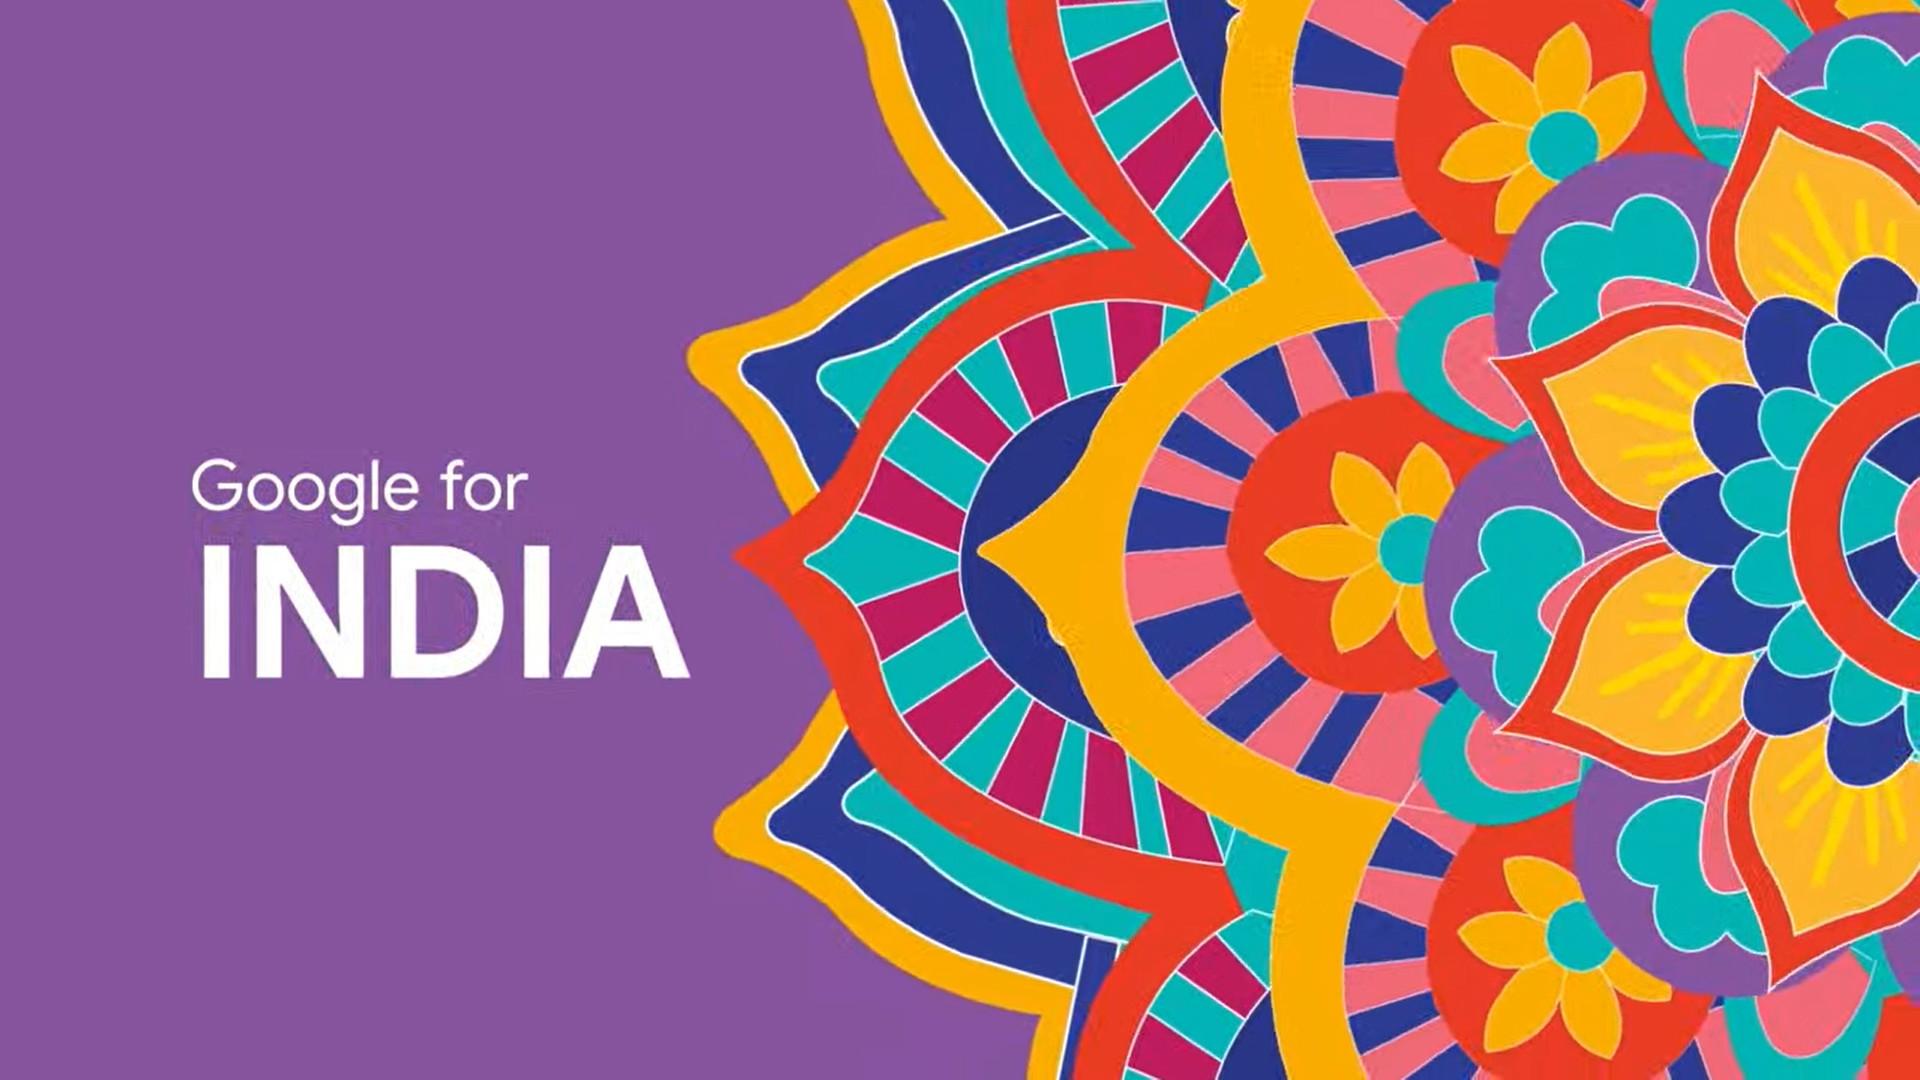 谷歌将在印度投资100亿美元以加速数字化